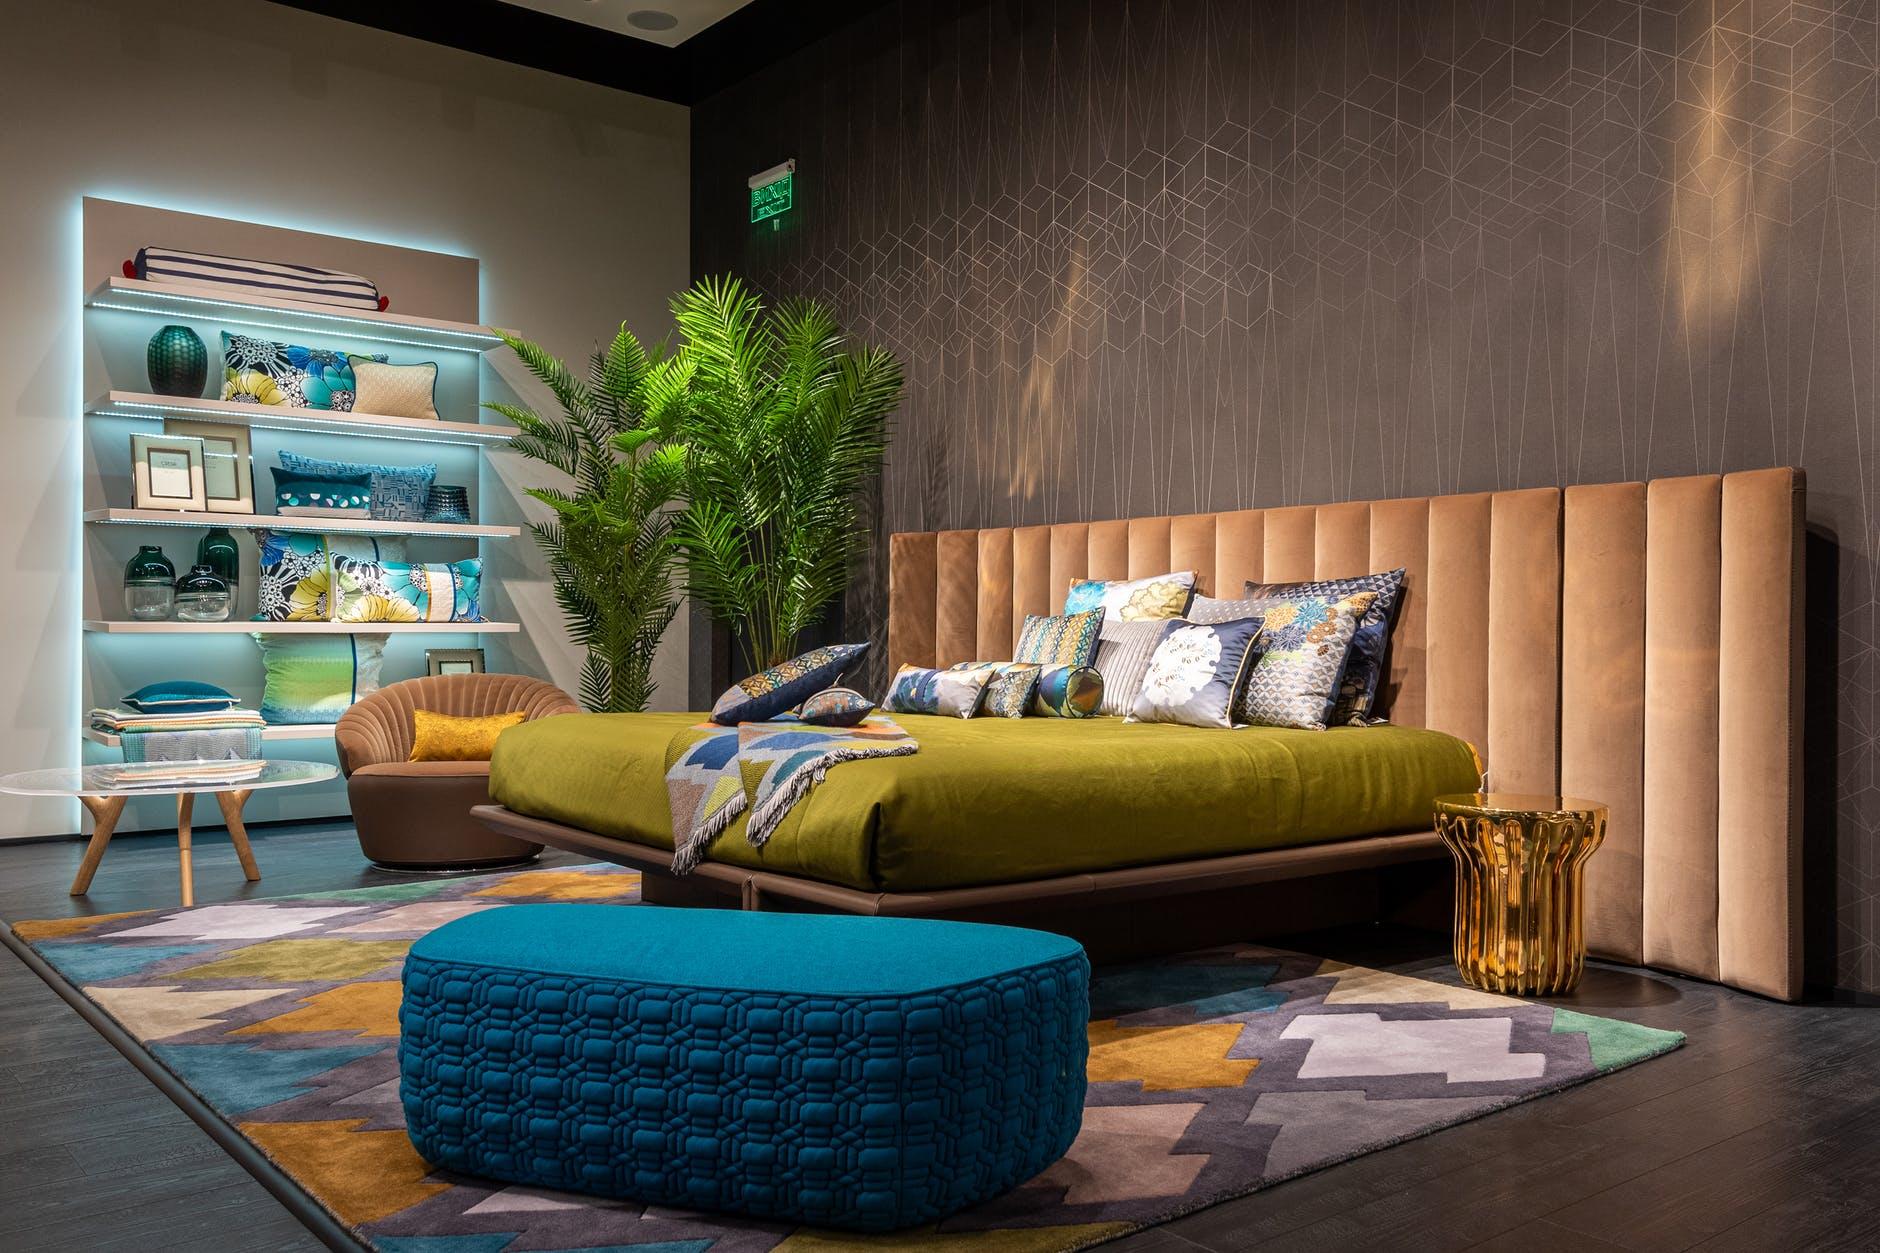 Jaki chodnik dywanowy wybrać do przedpokoju?